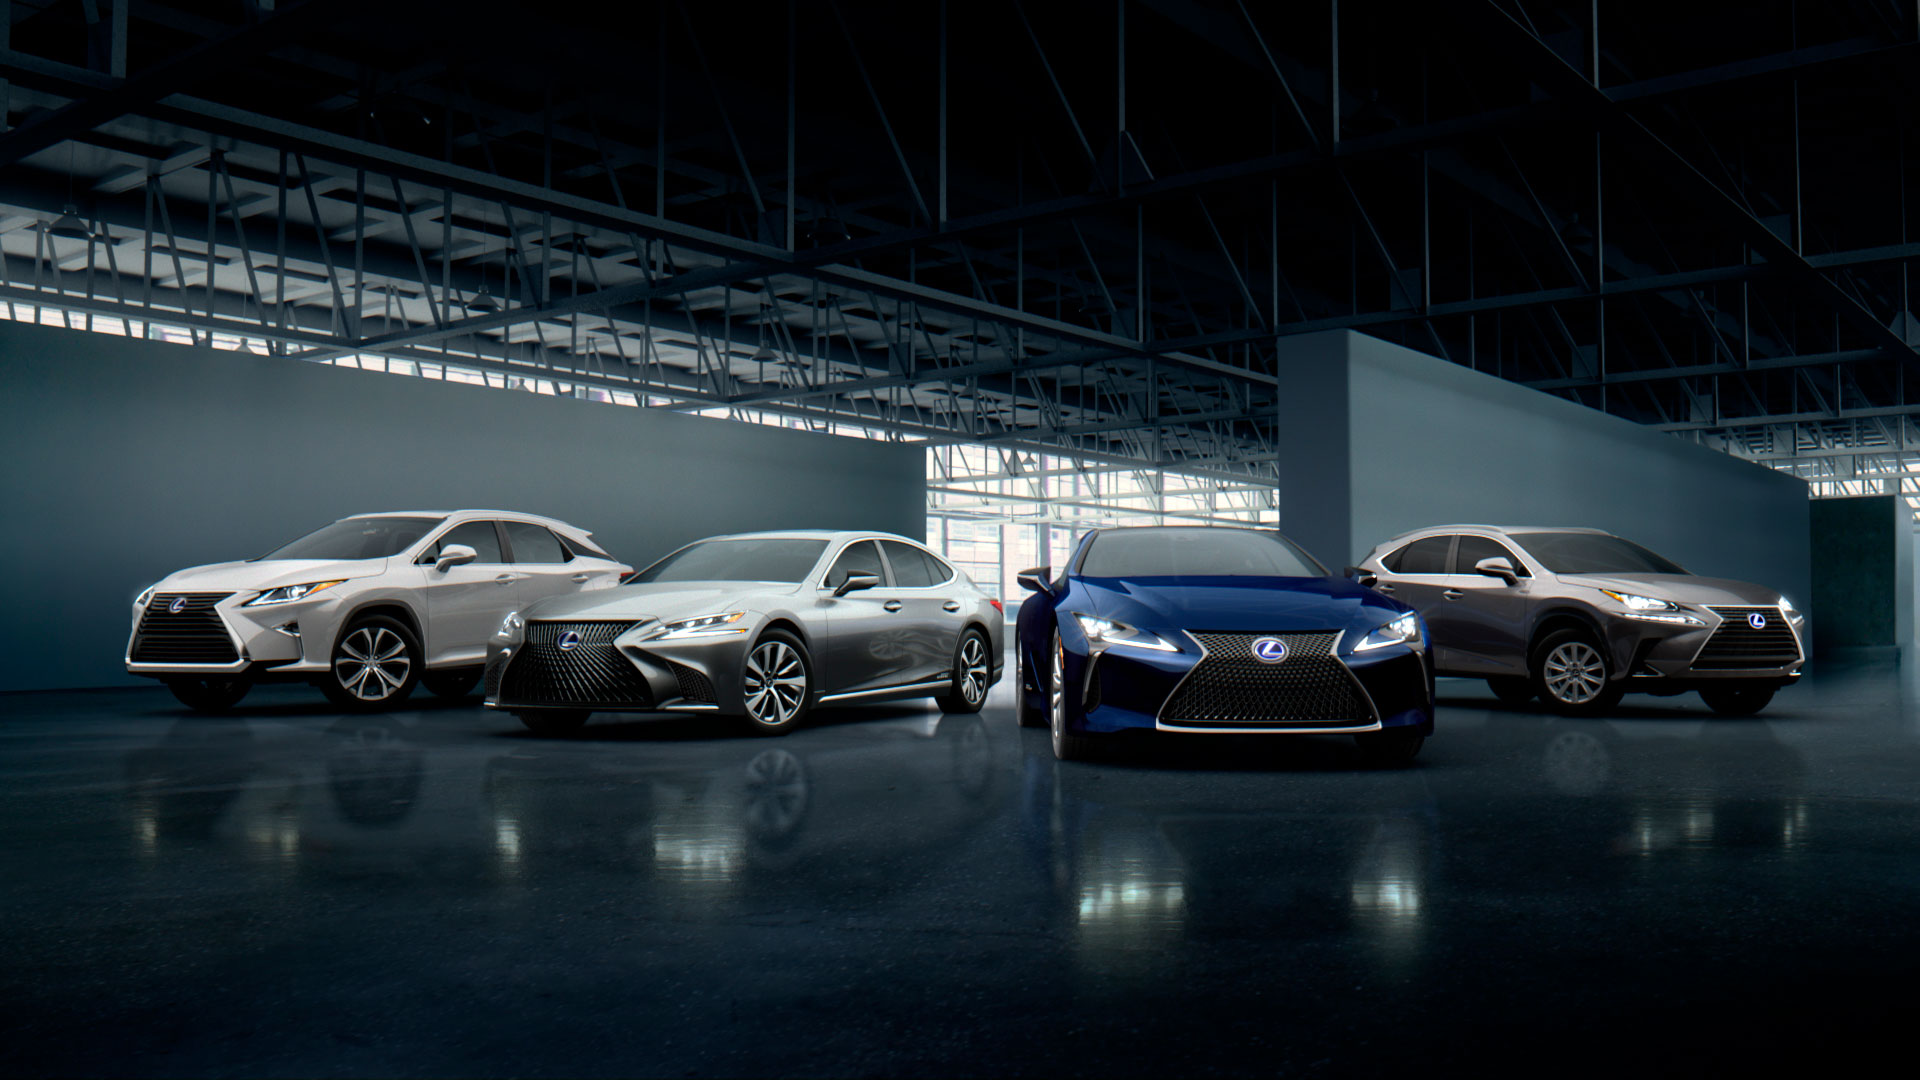 Lexus 10 millones ux hero asset